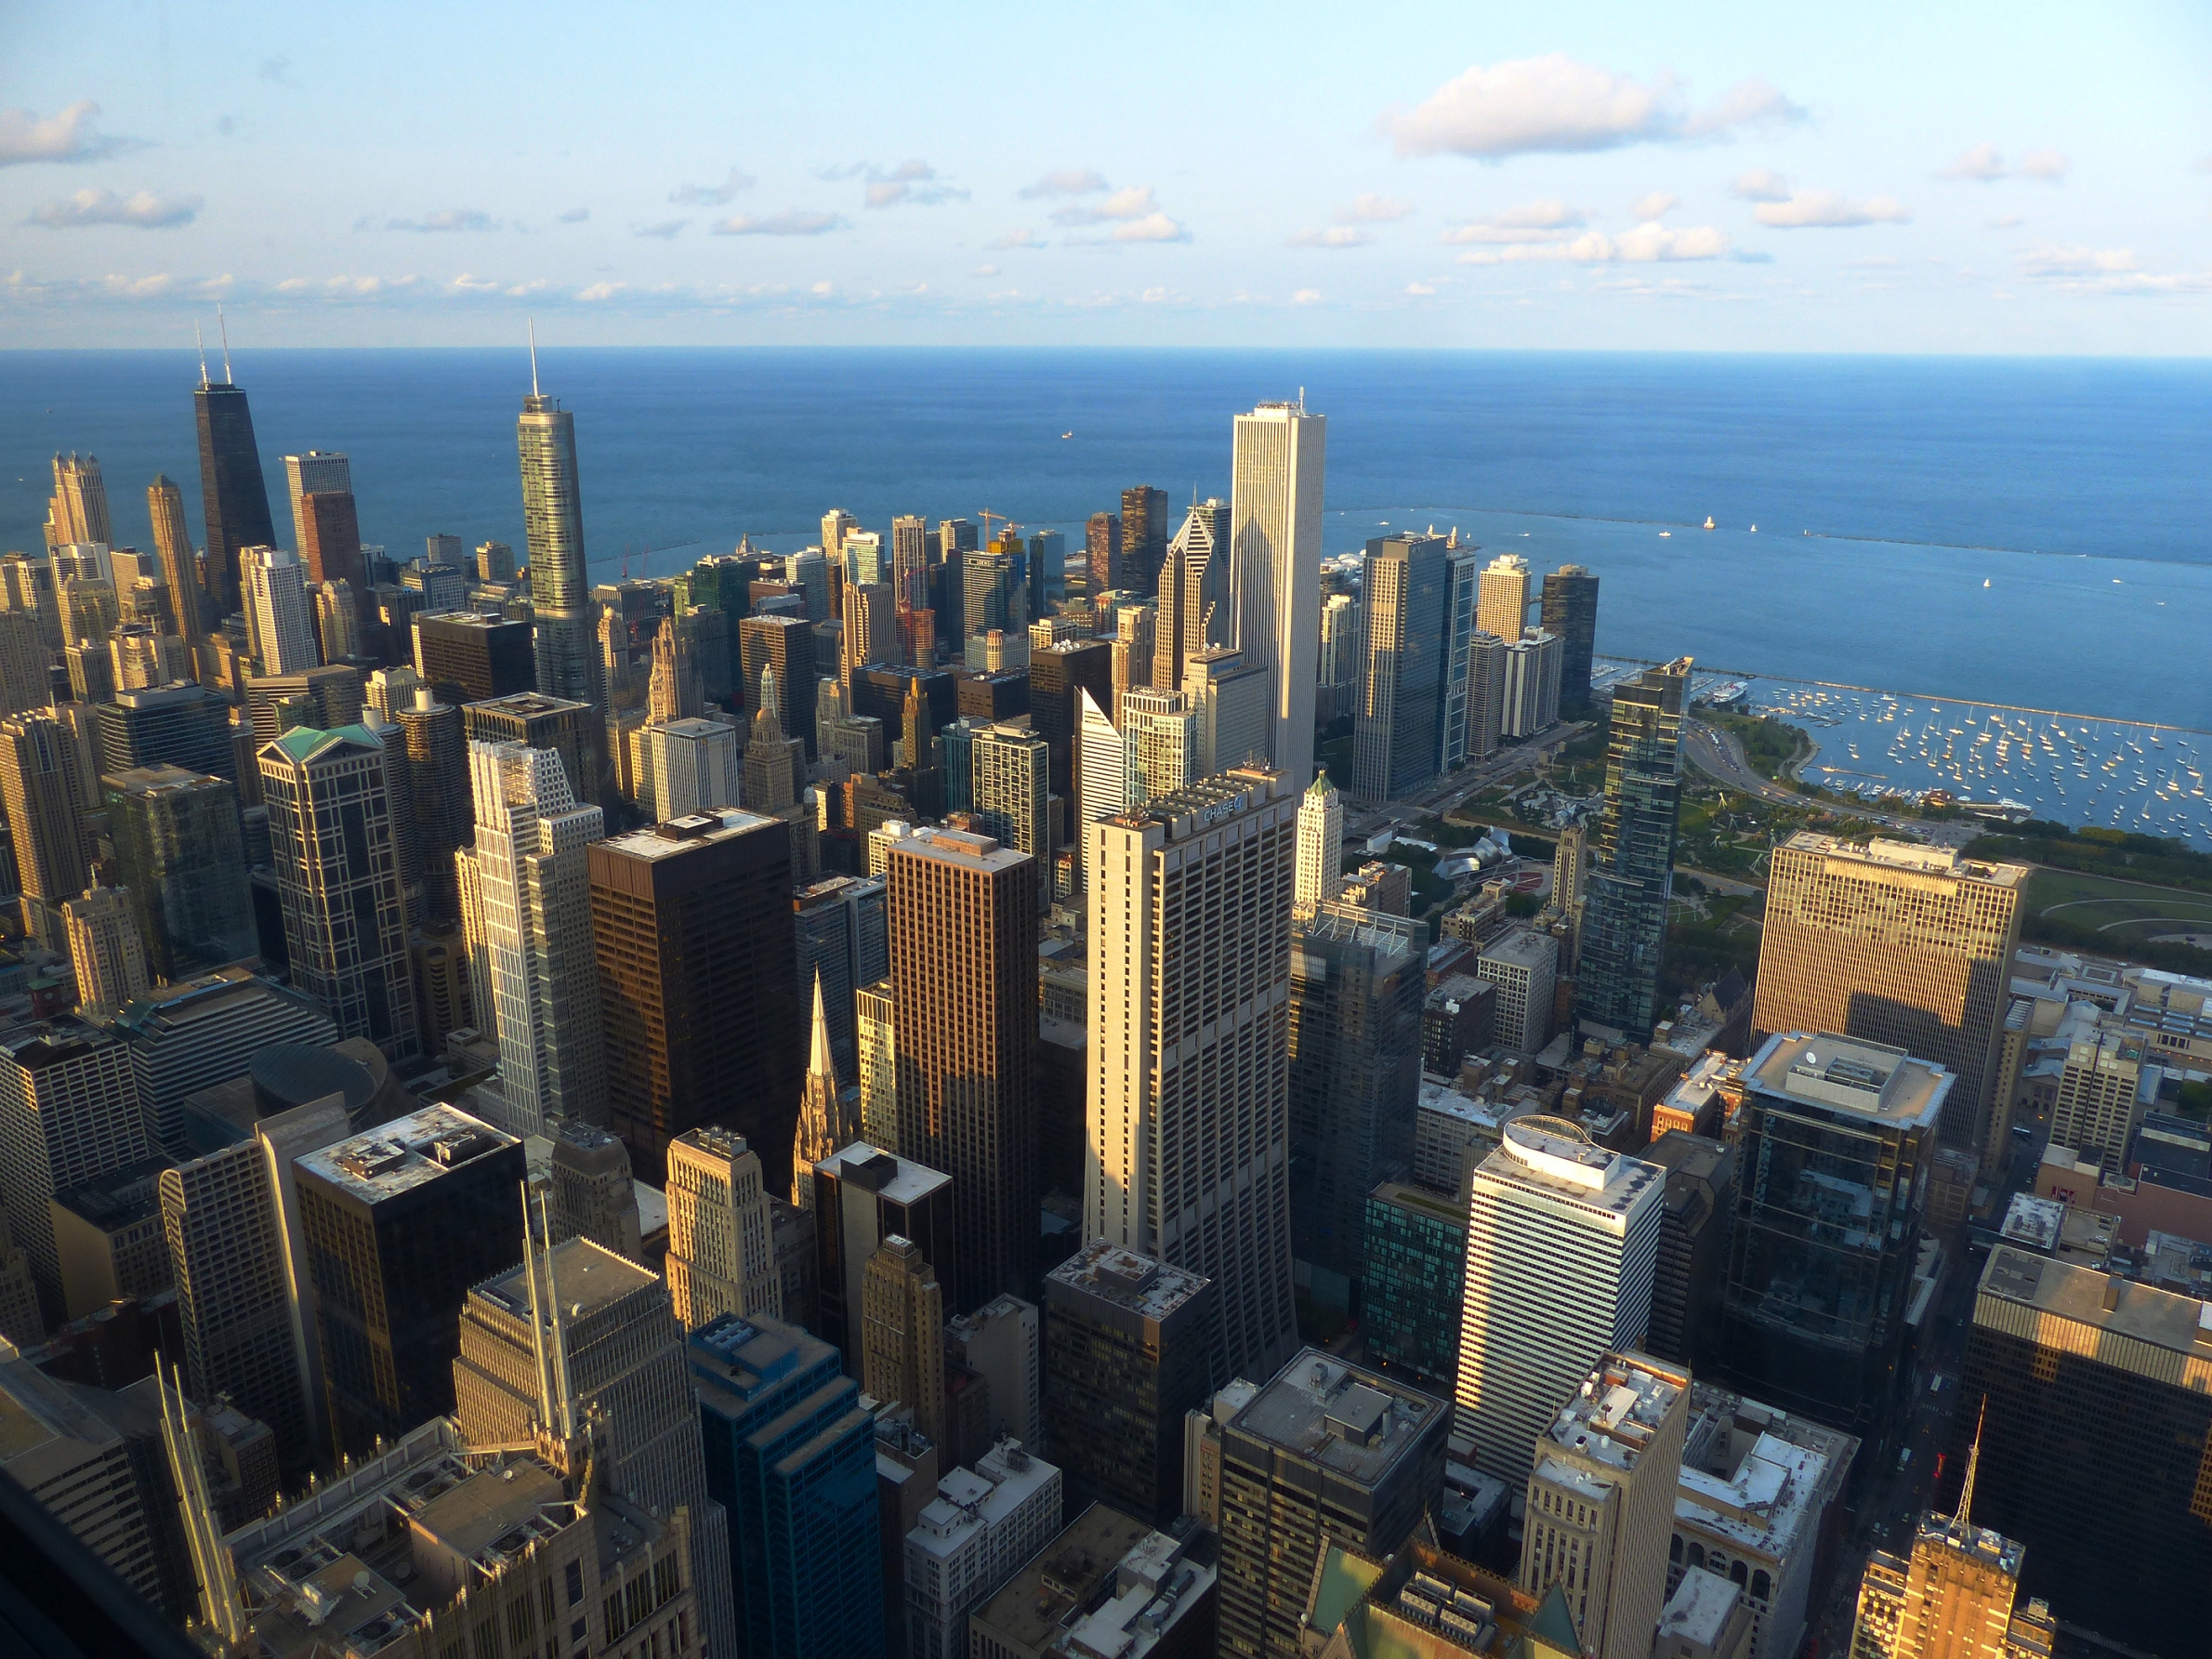 vue de Chicago depuis le Skydeck